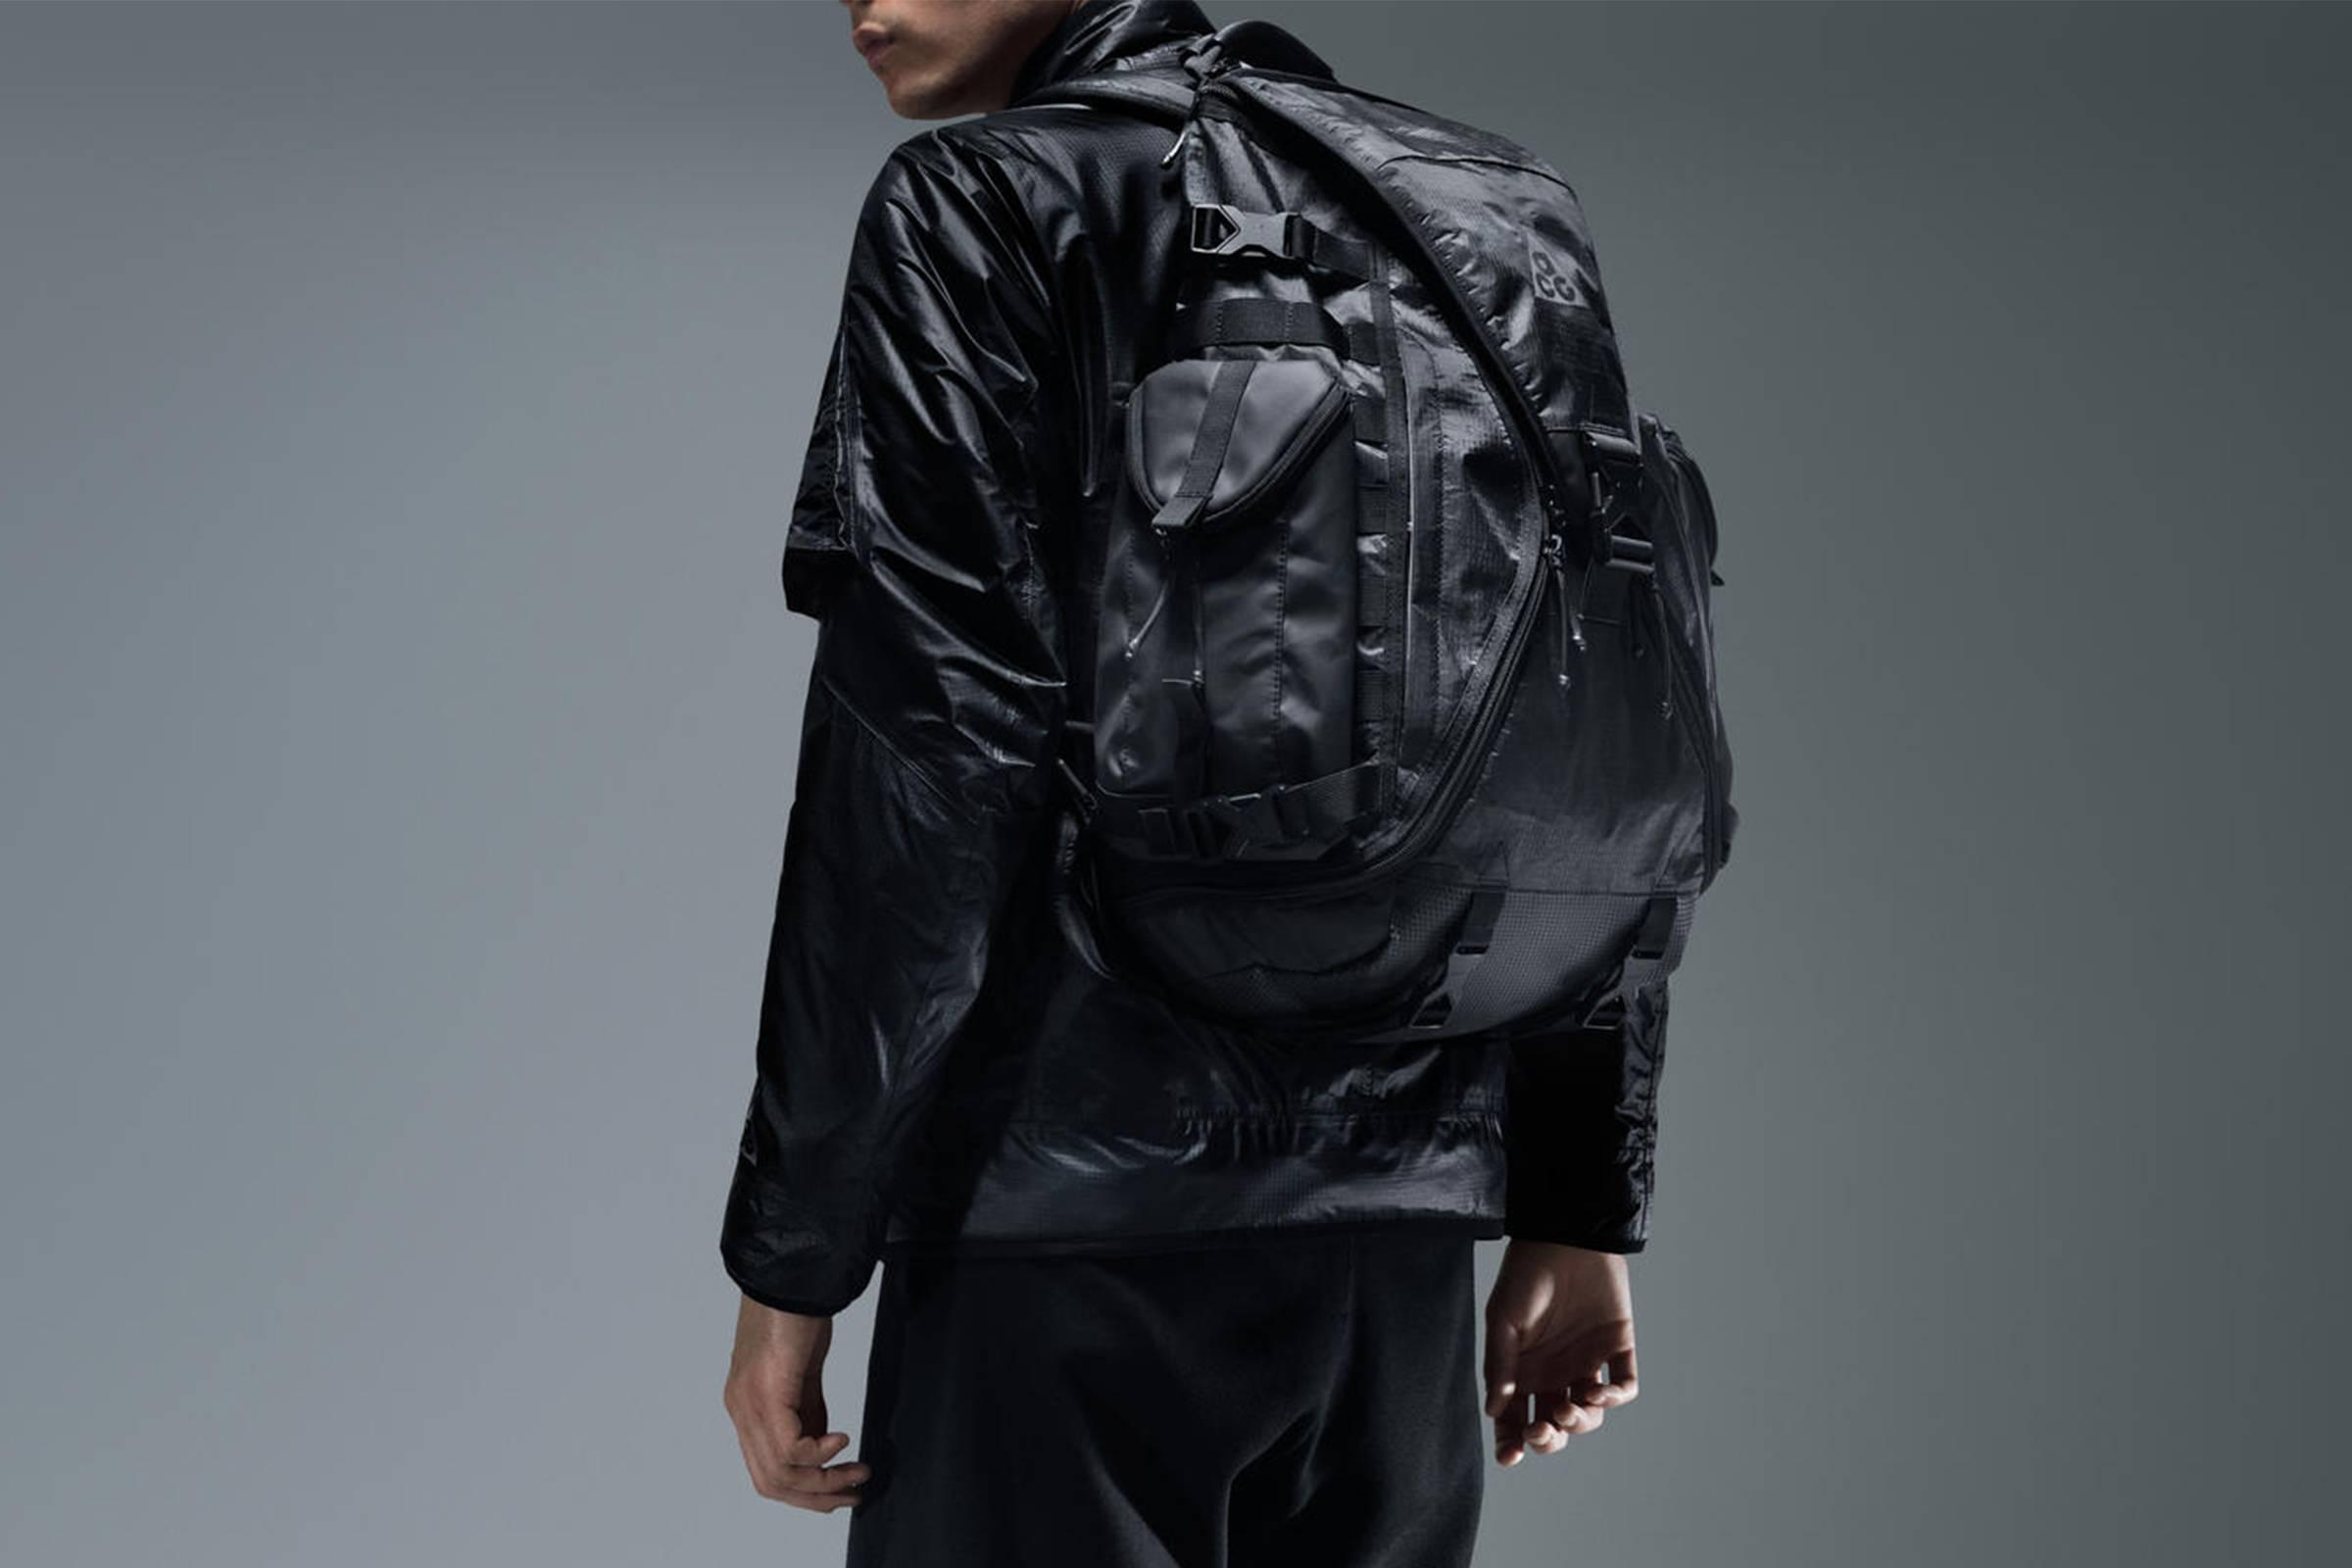 Cyberpunk Techwear Fashion   44 best techwear images on